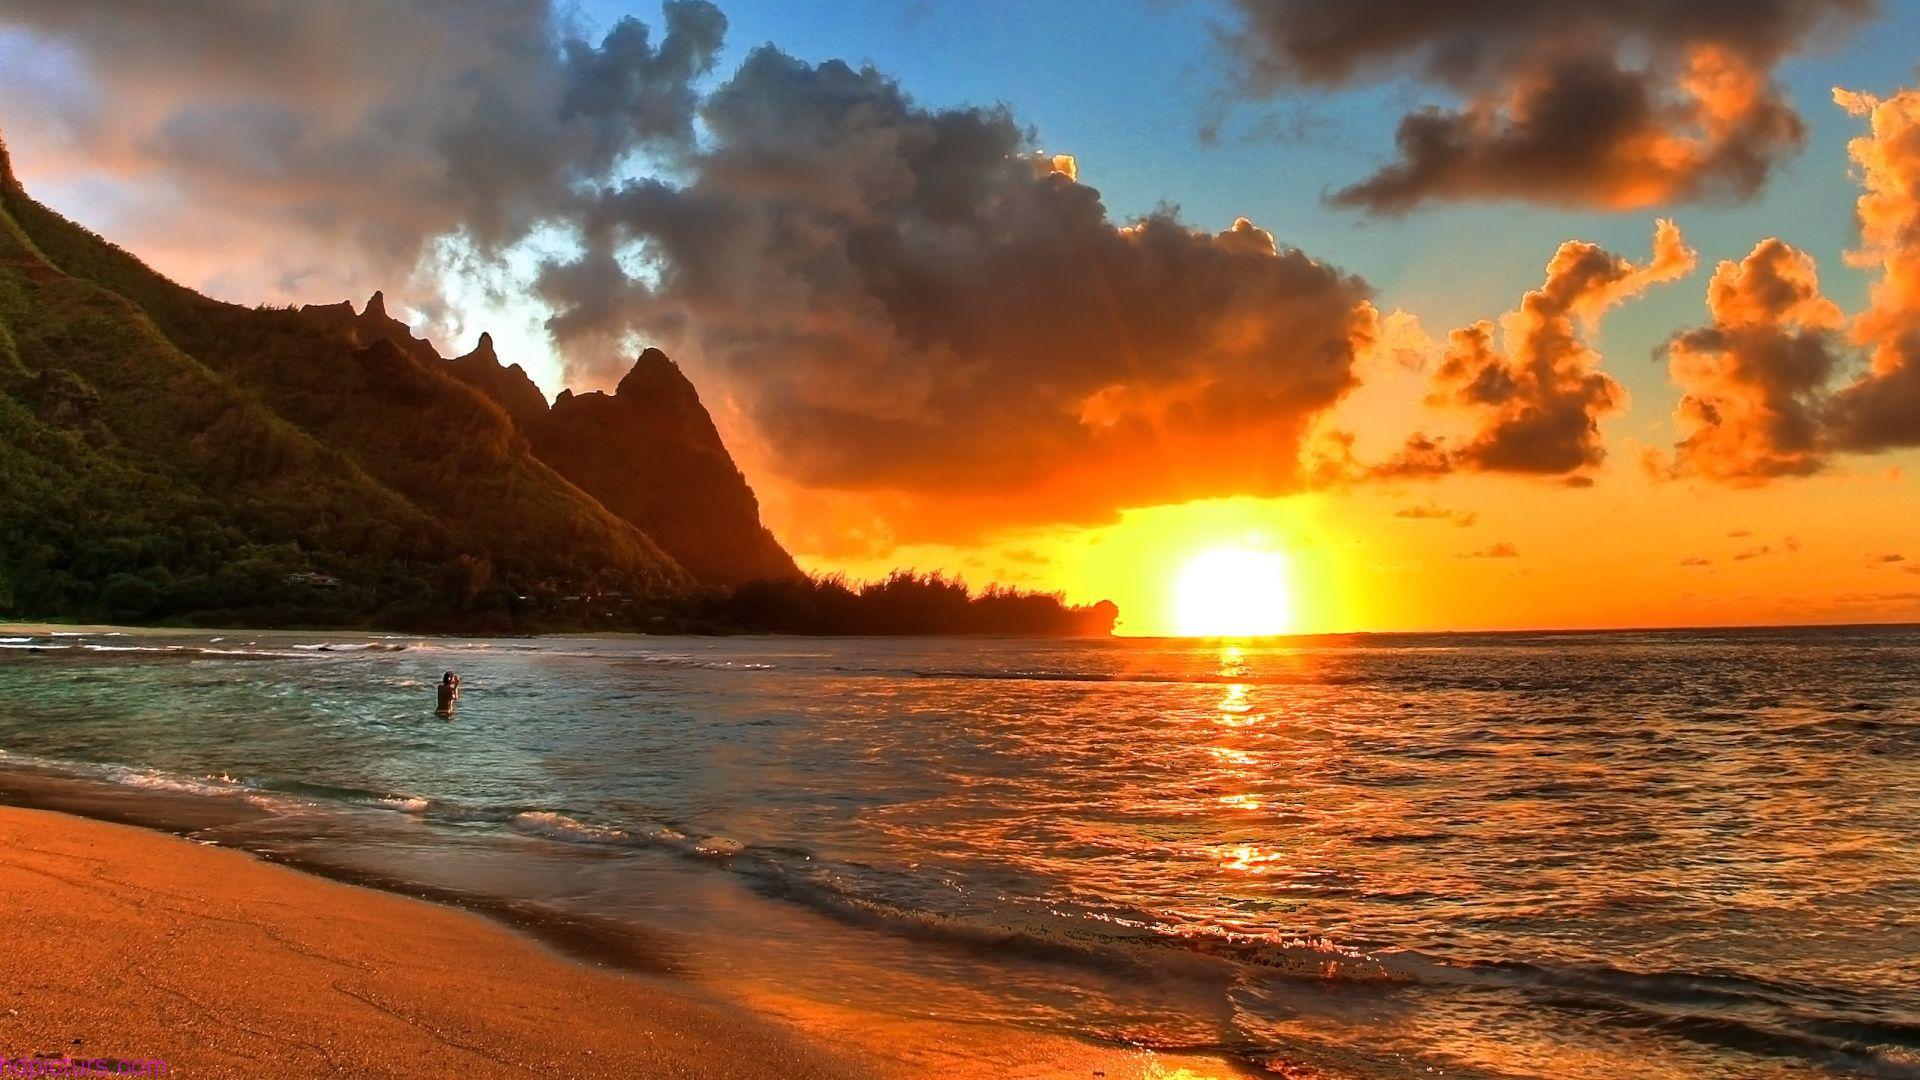 خلفيات بحر , صور جميلة ورومانسية للبحار